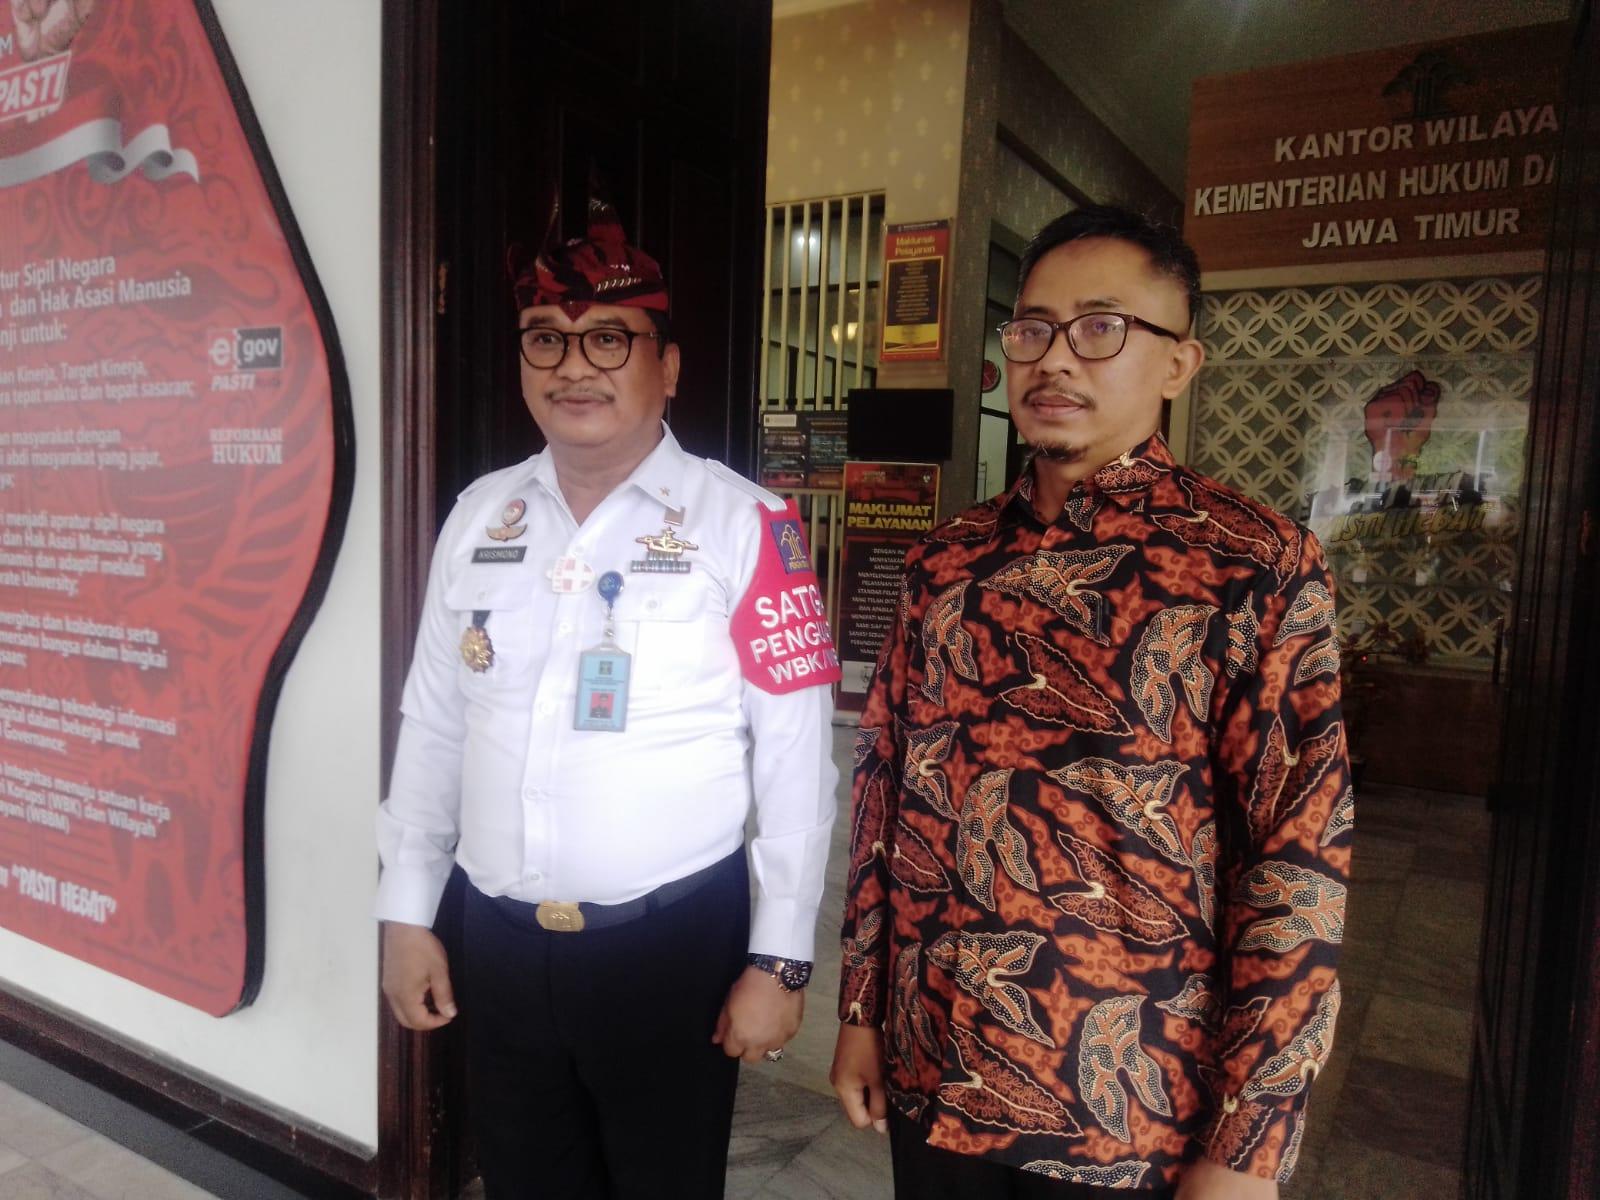 Kepala Ombudsman Jatim, Agus Muttaqim, ditemui Tugu Jatim di depan kantor Kemenkumham Jatim, Jalan Kayoon 50-52 Surabaya, Kamis (04/02/2021). (Foto: Rangga Aji/Tugu Jatim)